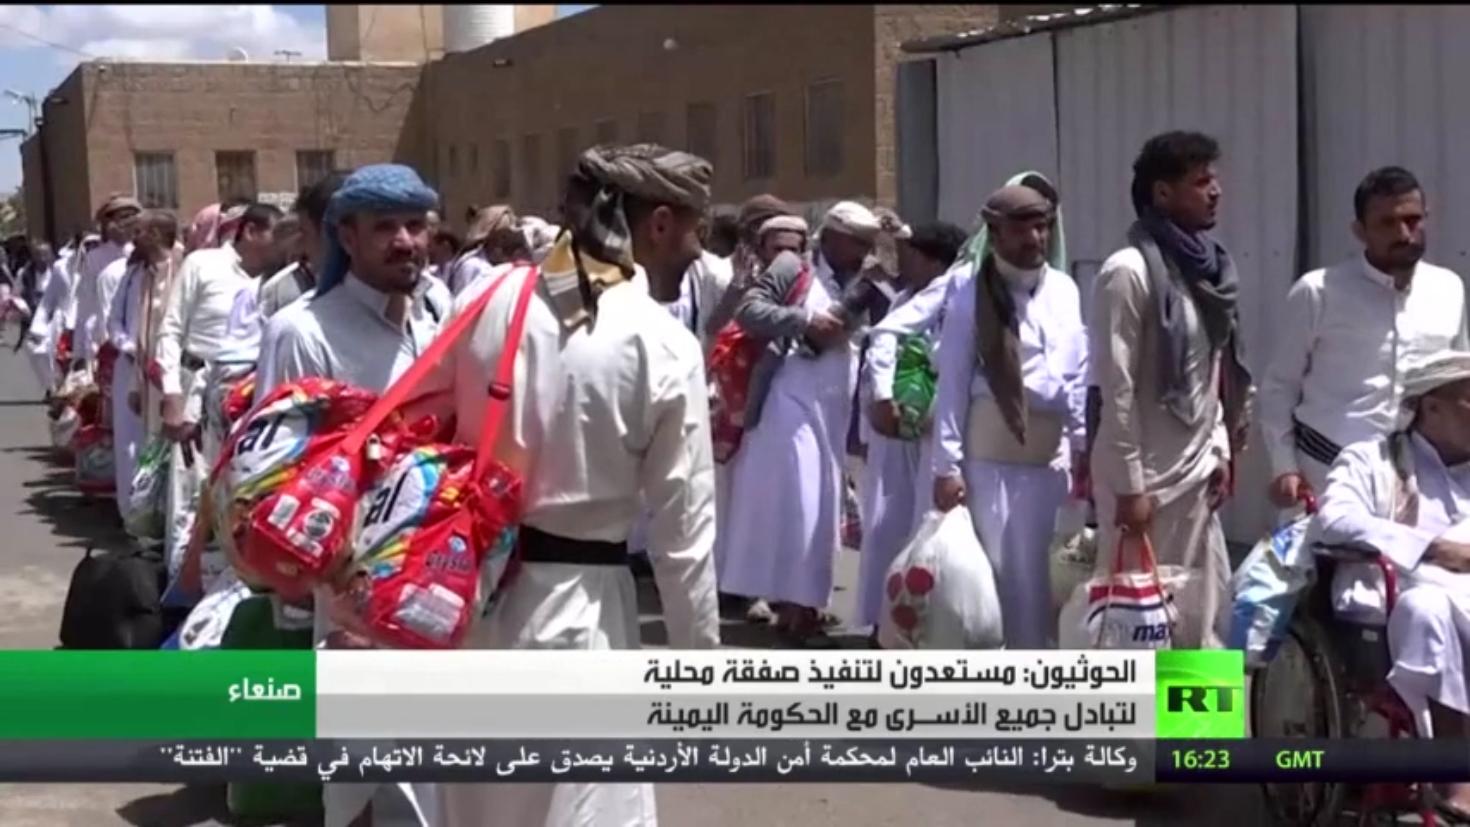 الحوثيون: مستعدون لصفقة محلية لتبادل الأسرى